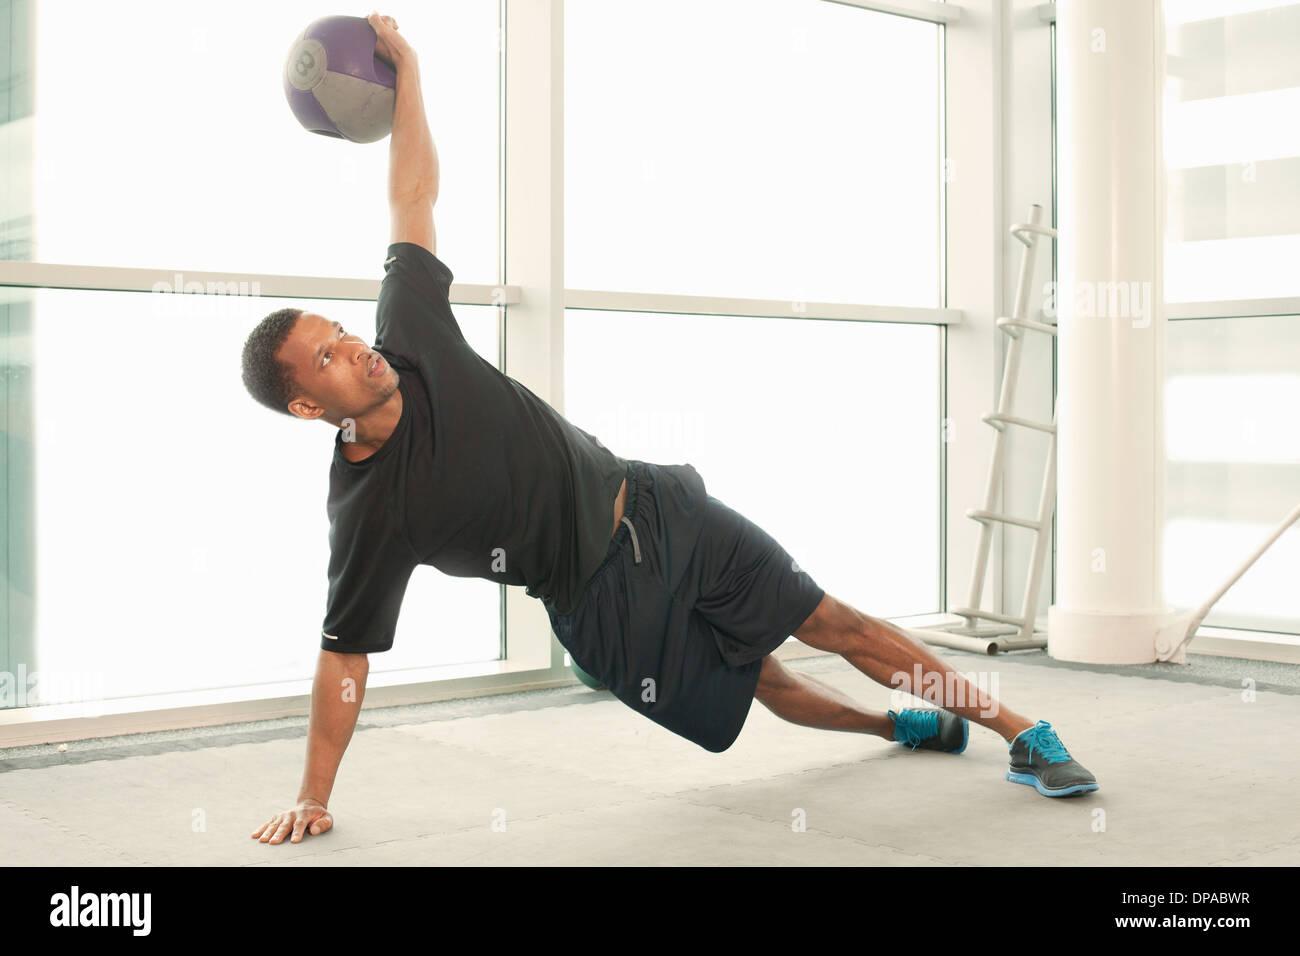 Hombre con estiramiento ejercicio de pelota Imagen De Stock